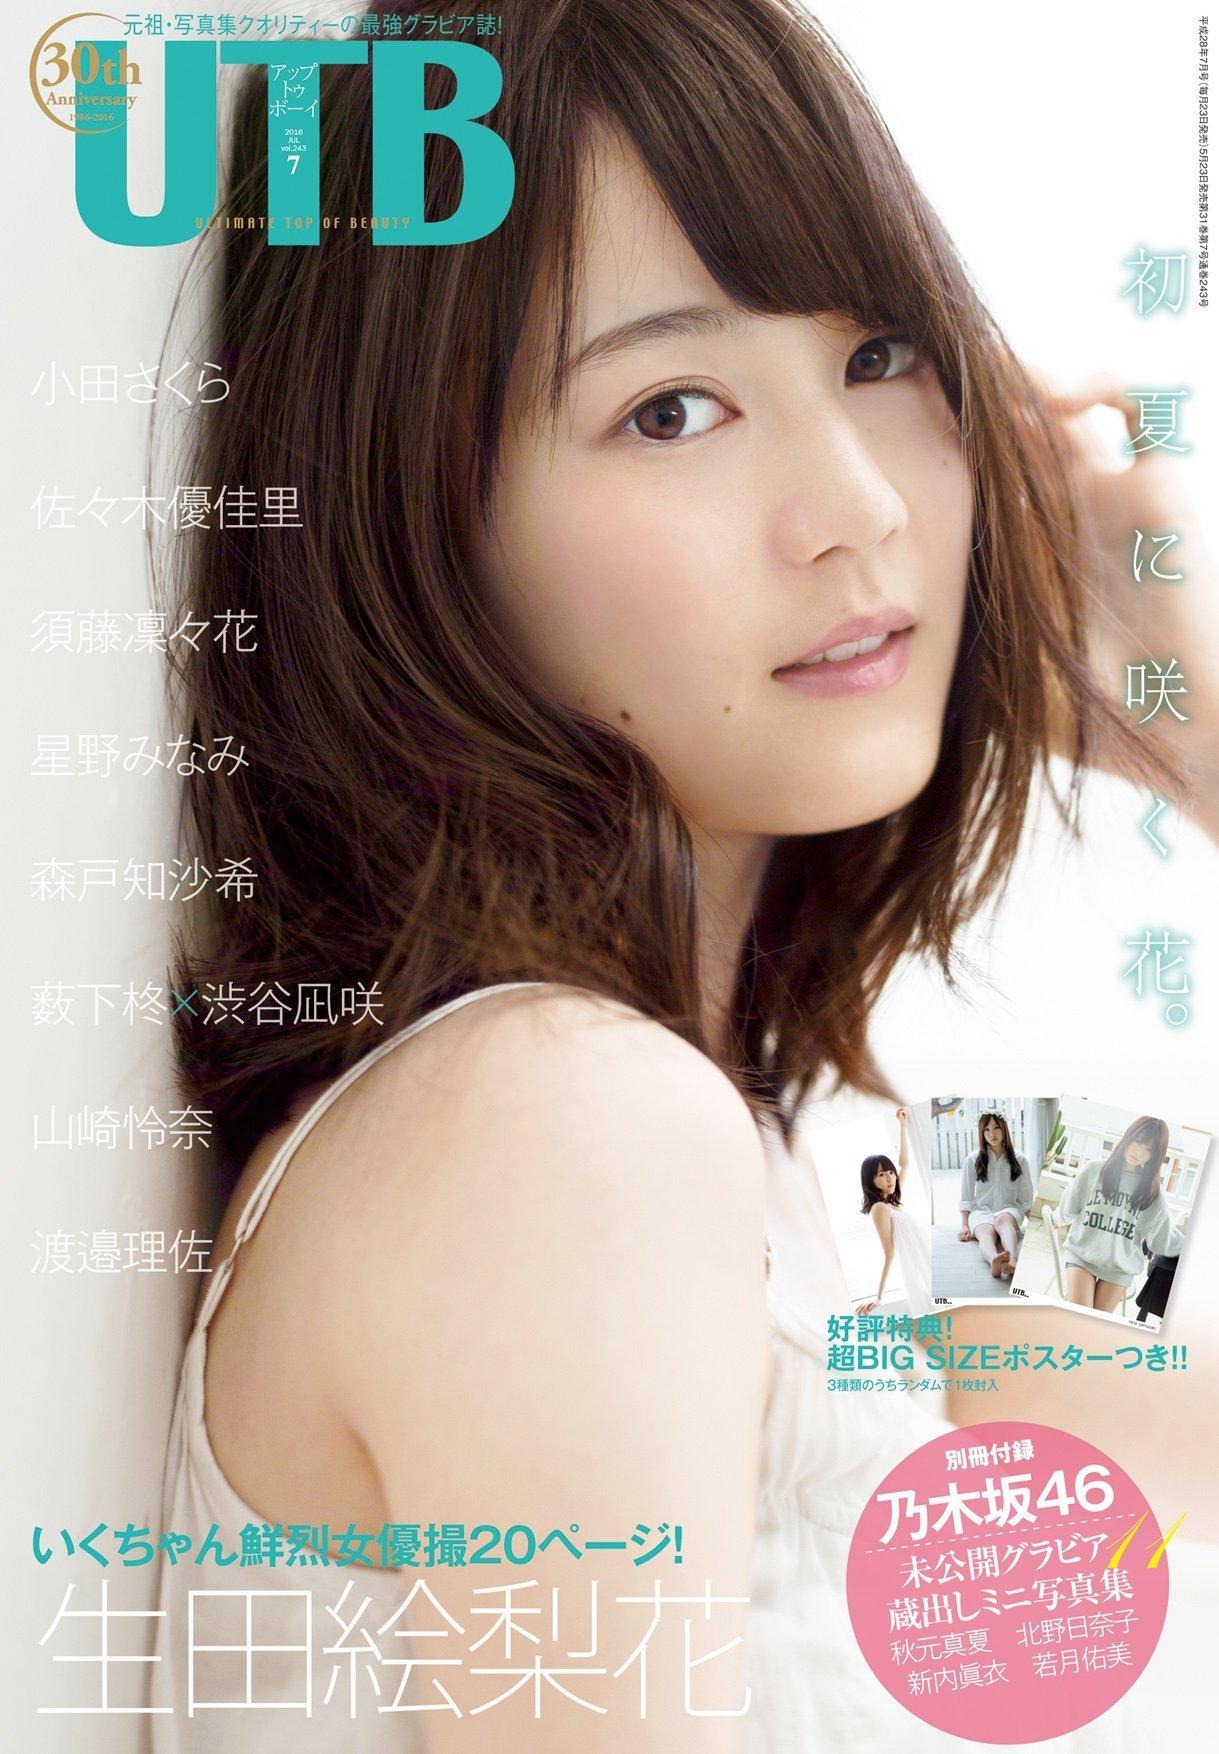 欅坂46がMステ初出演決定、22日デビュー曲披露